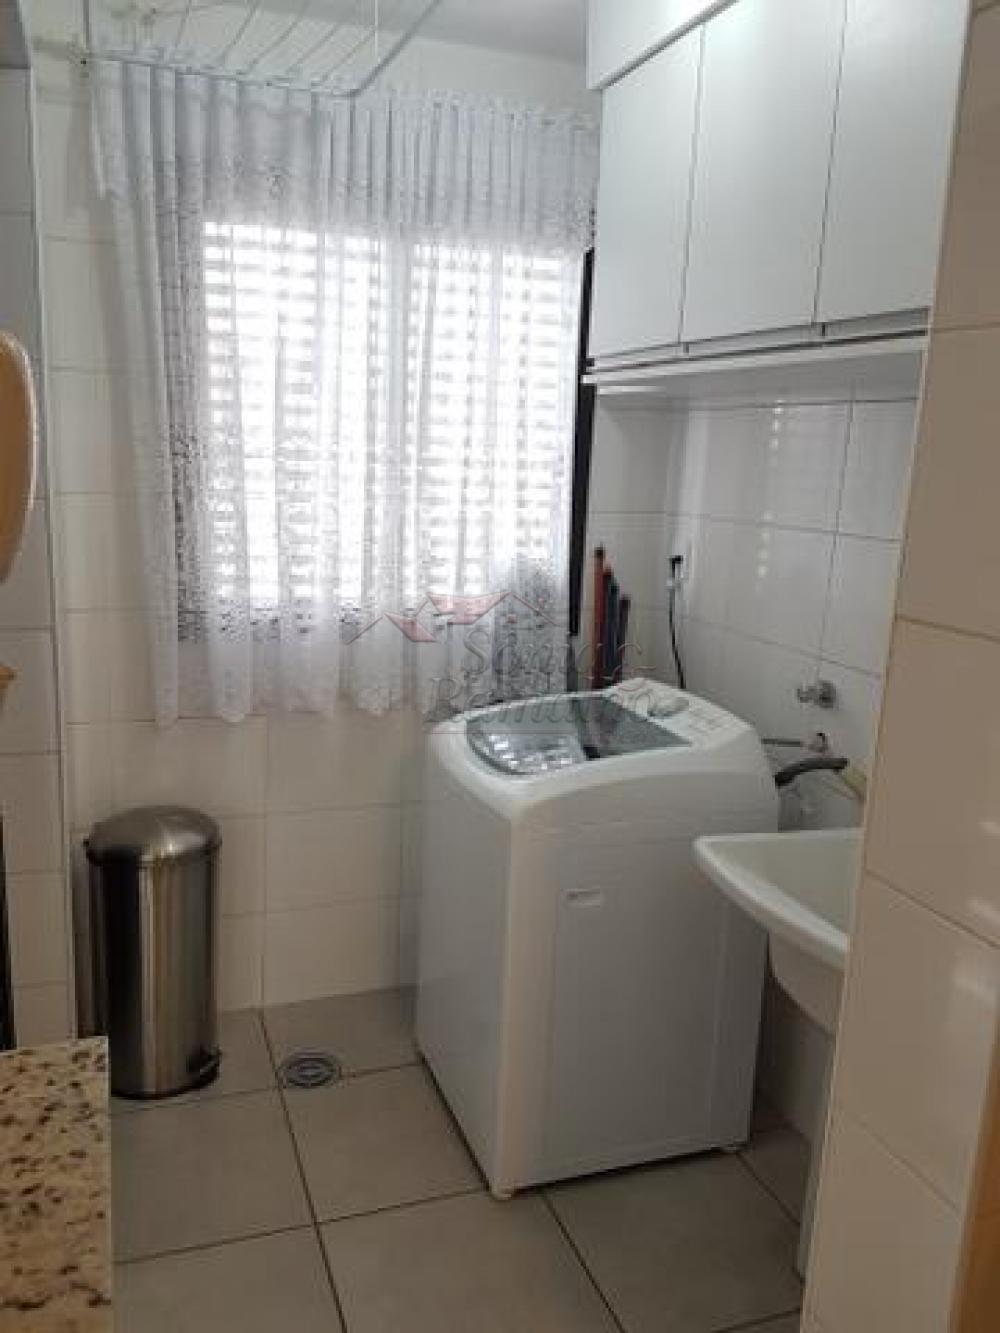 Comprar Apartamentos / Padrão em Ribeirão Preto apenas R$ 300.000,00 - Foto 17